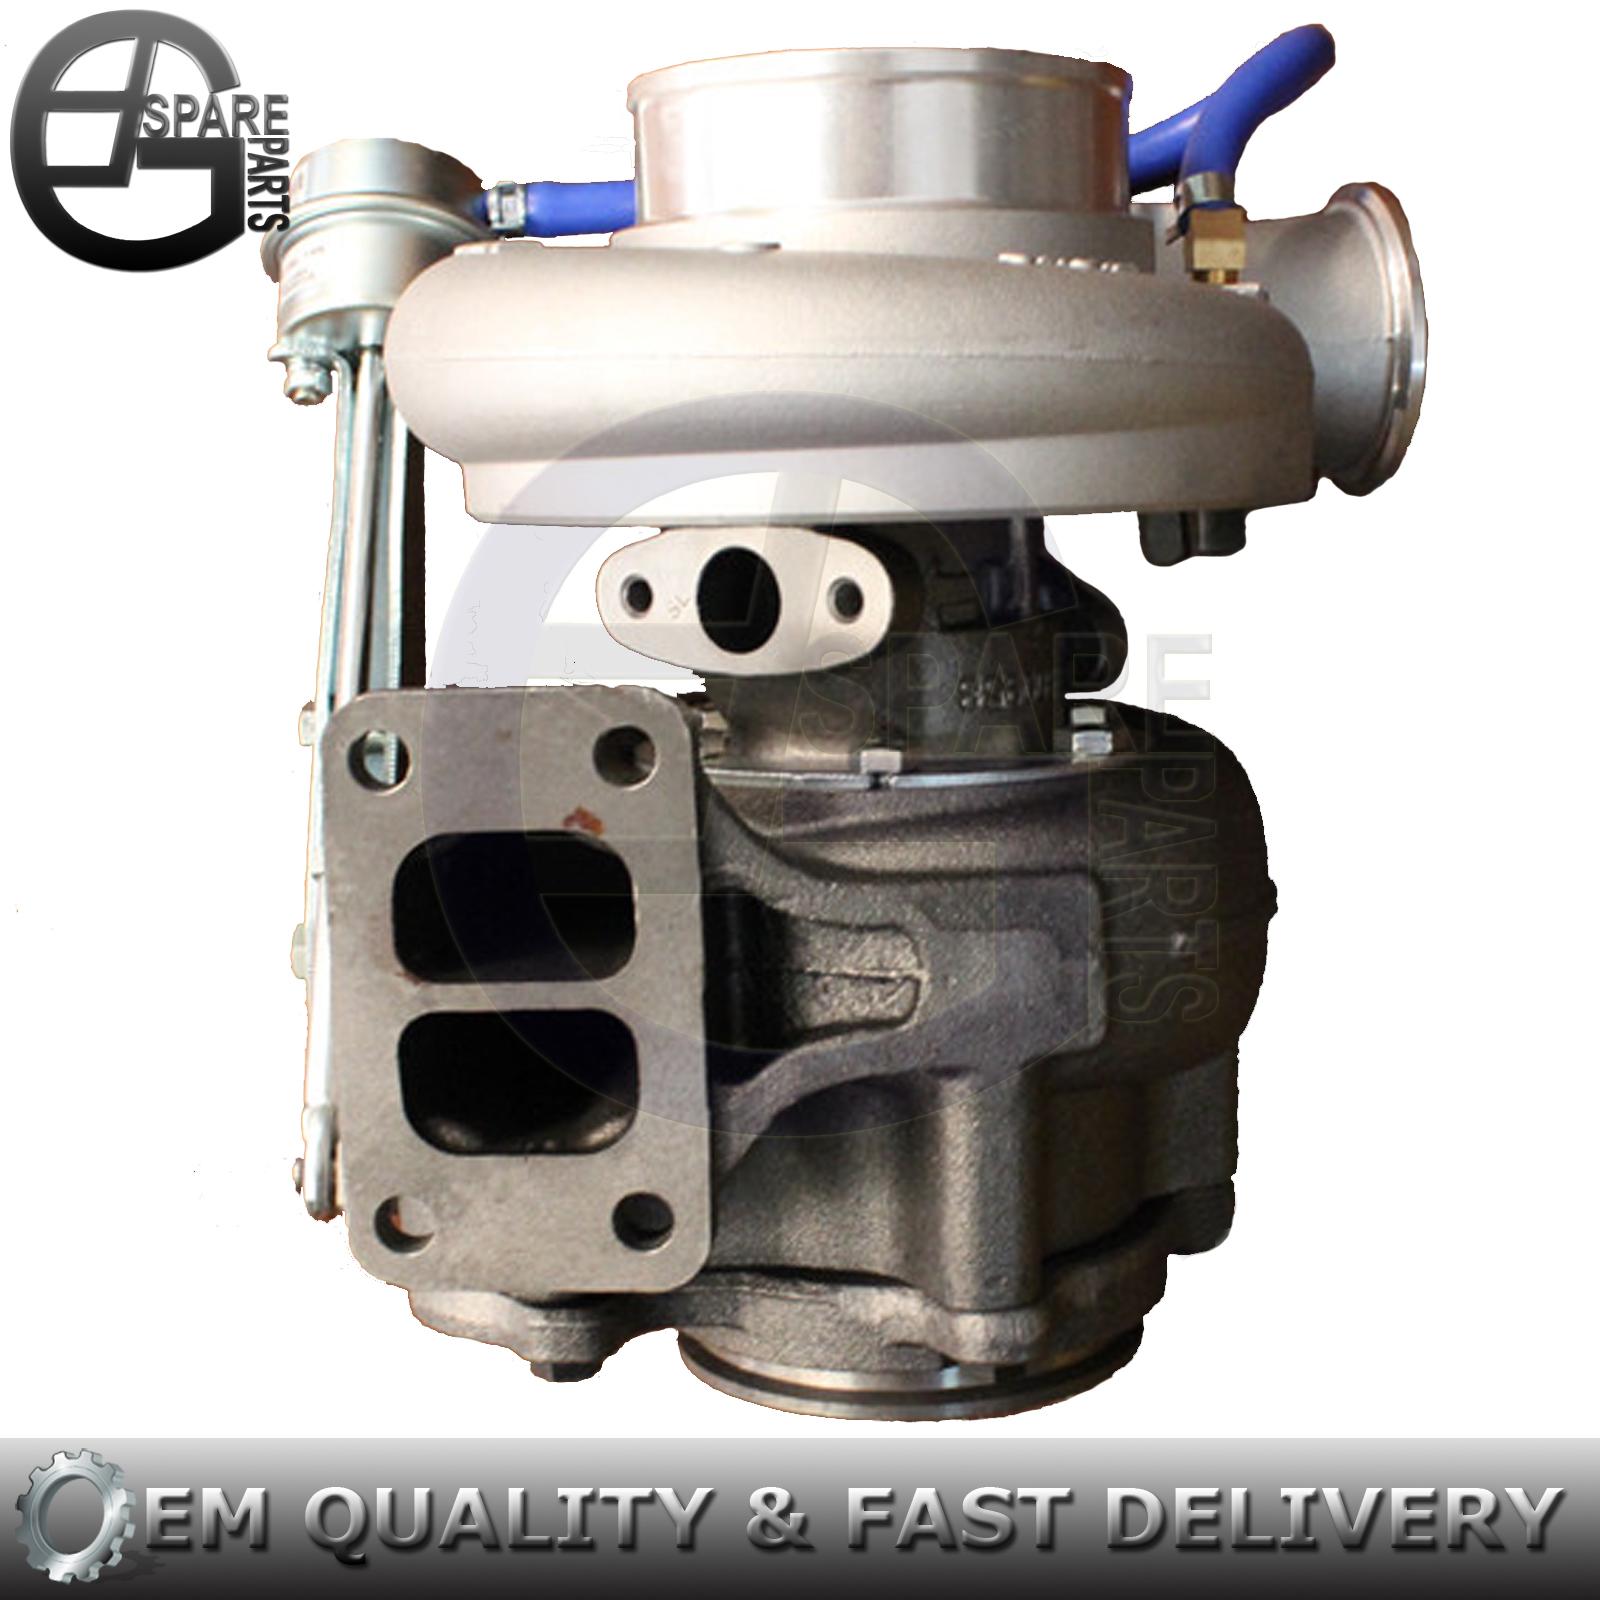 Engine Oil Pump Seal Kit-Stone WD EXPRESS fits 81-95 Toyota Pickup 2.4L-L4